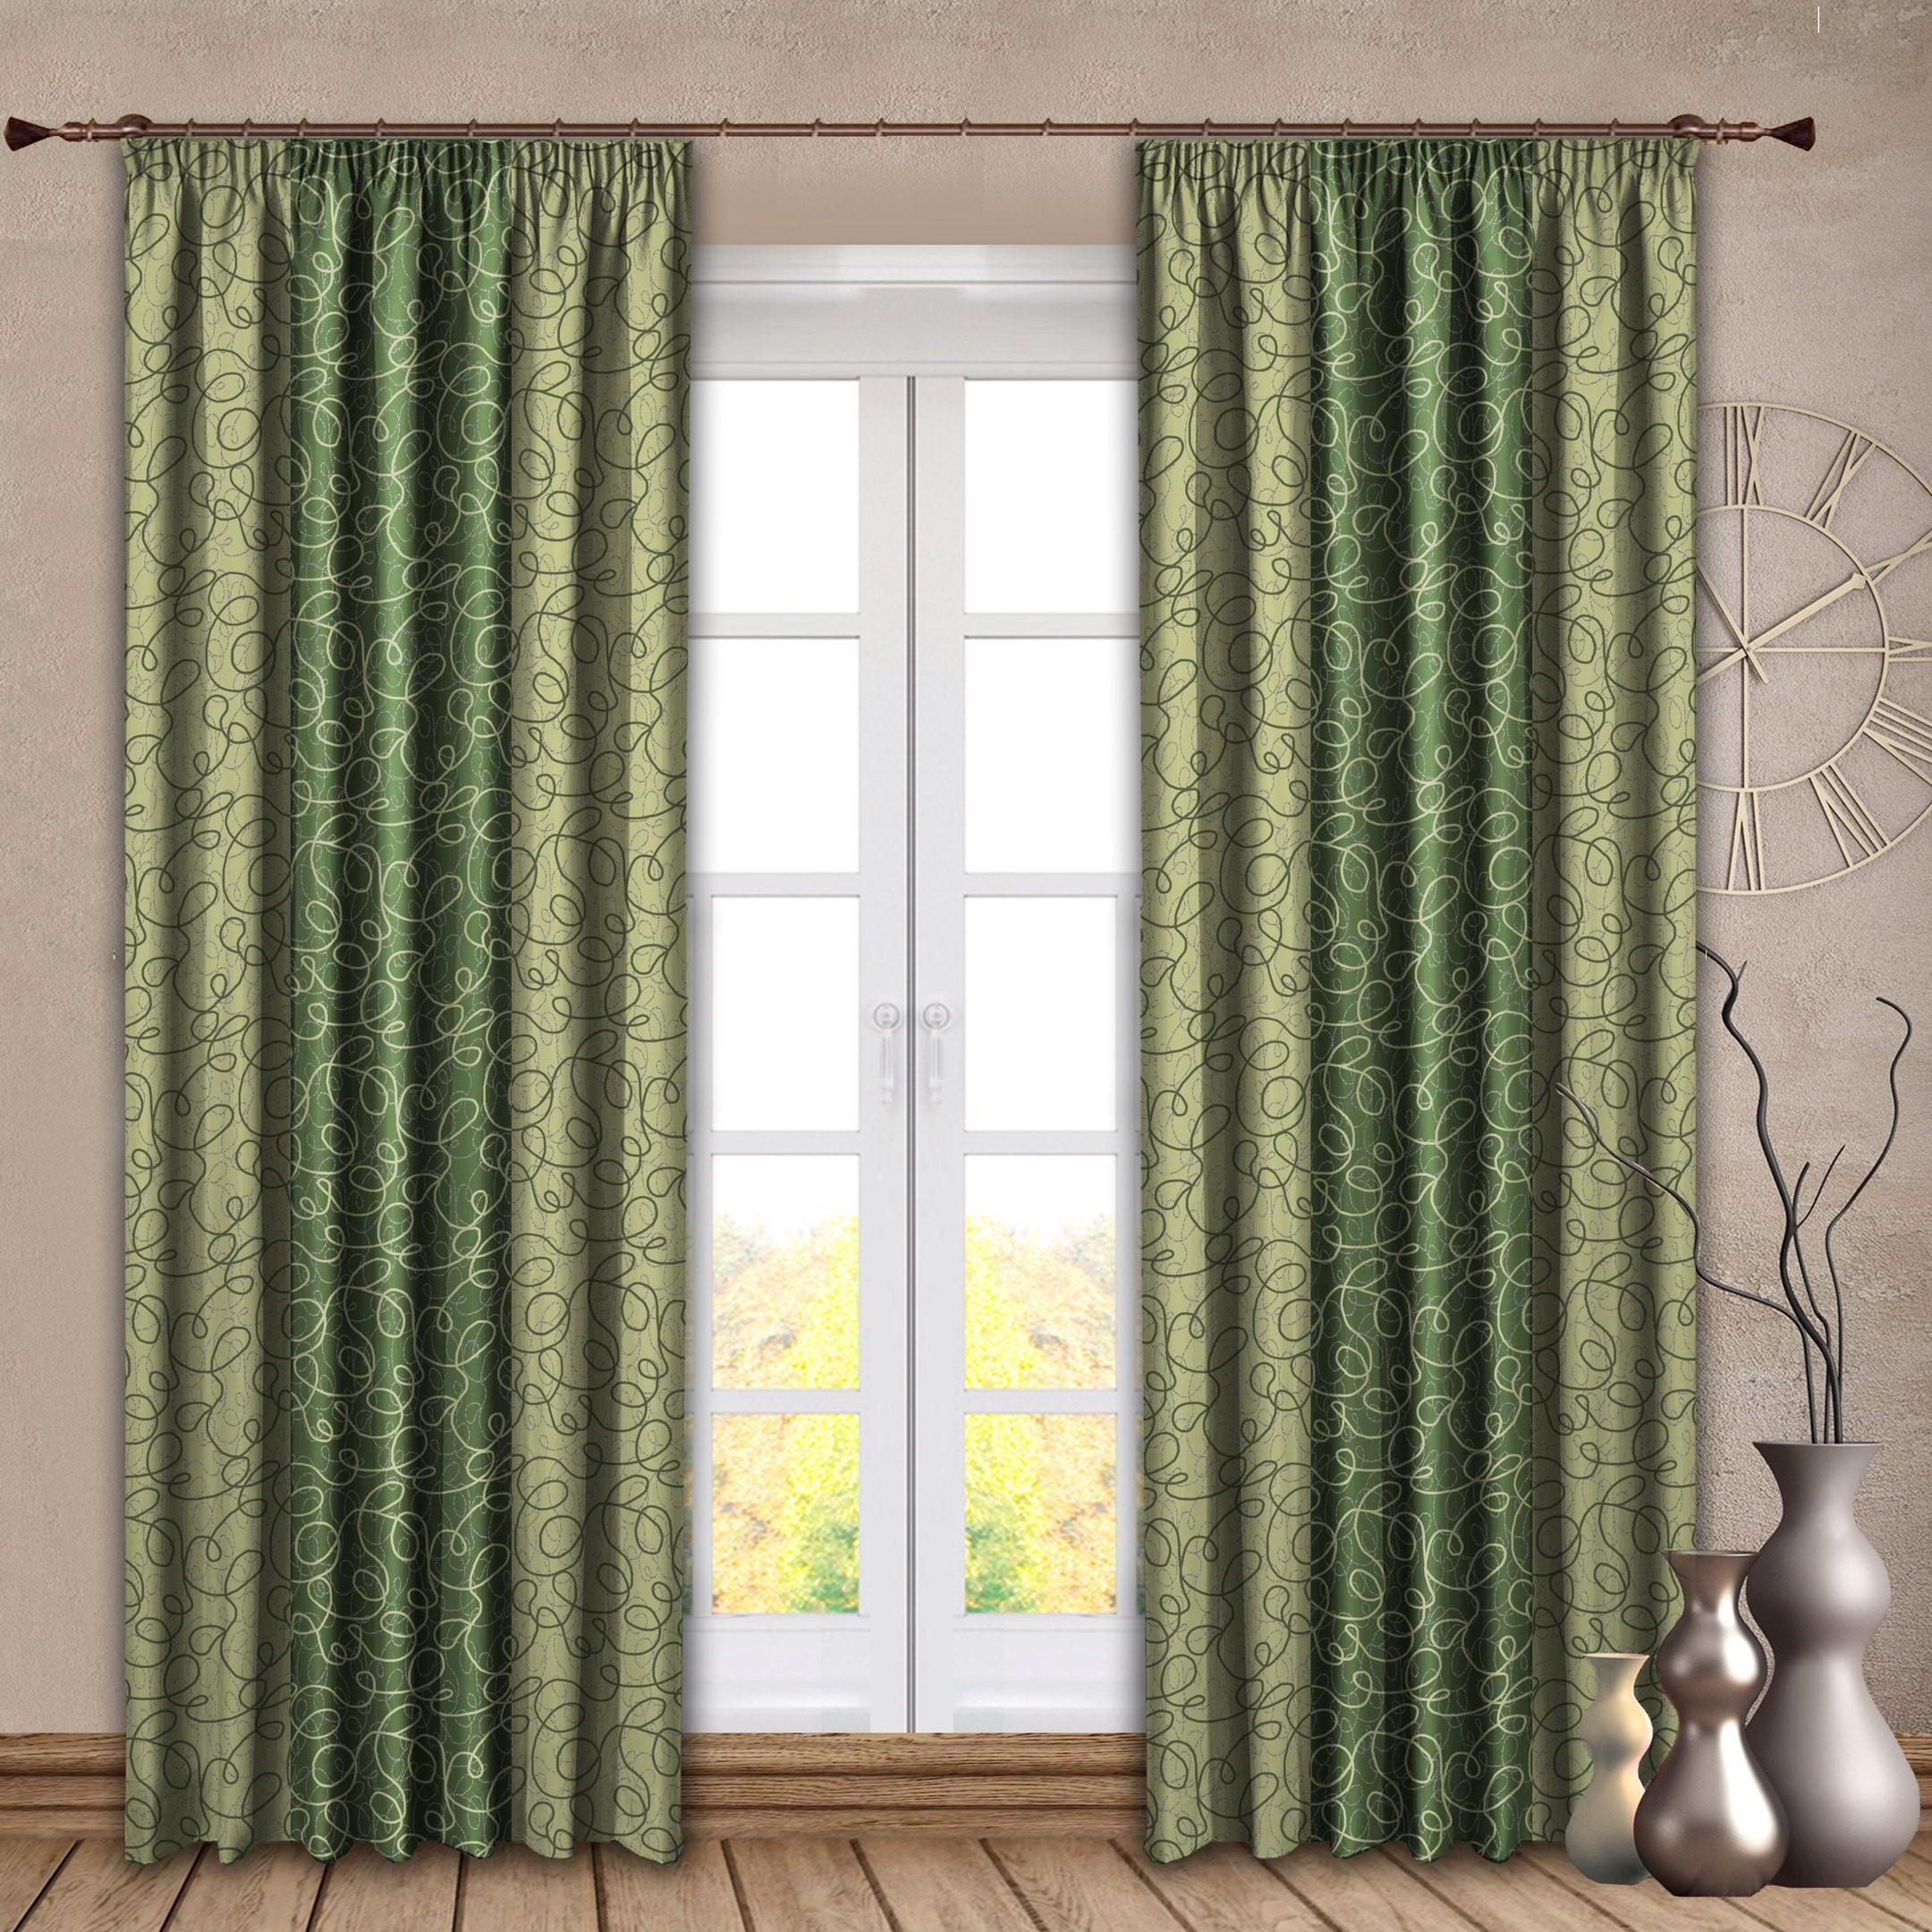 Шторы РеалТекс Классические шторы Sydnie Цвет: Зеленый шторы tac классические шторы winx цвет персиковый 200x265 см